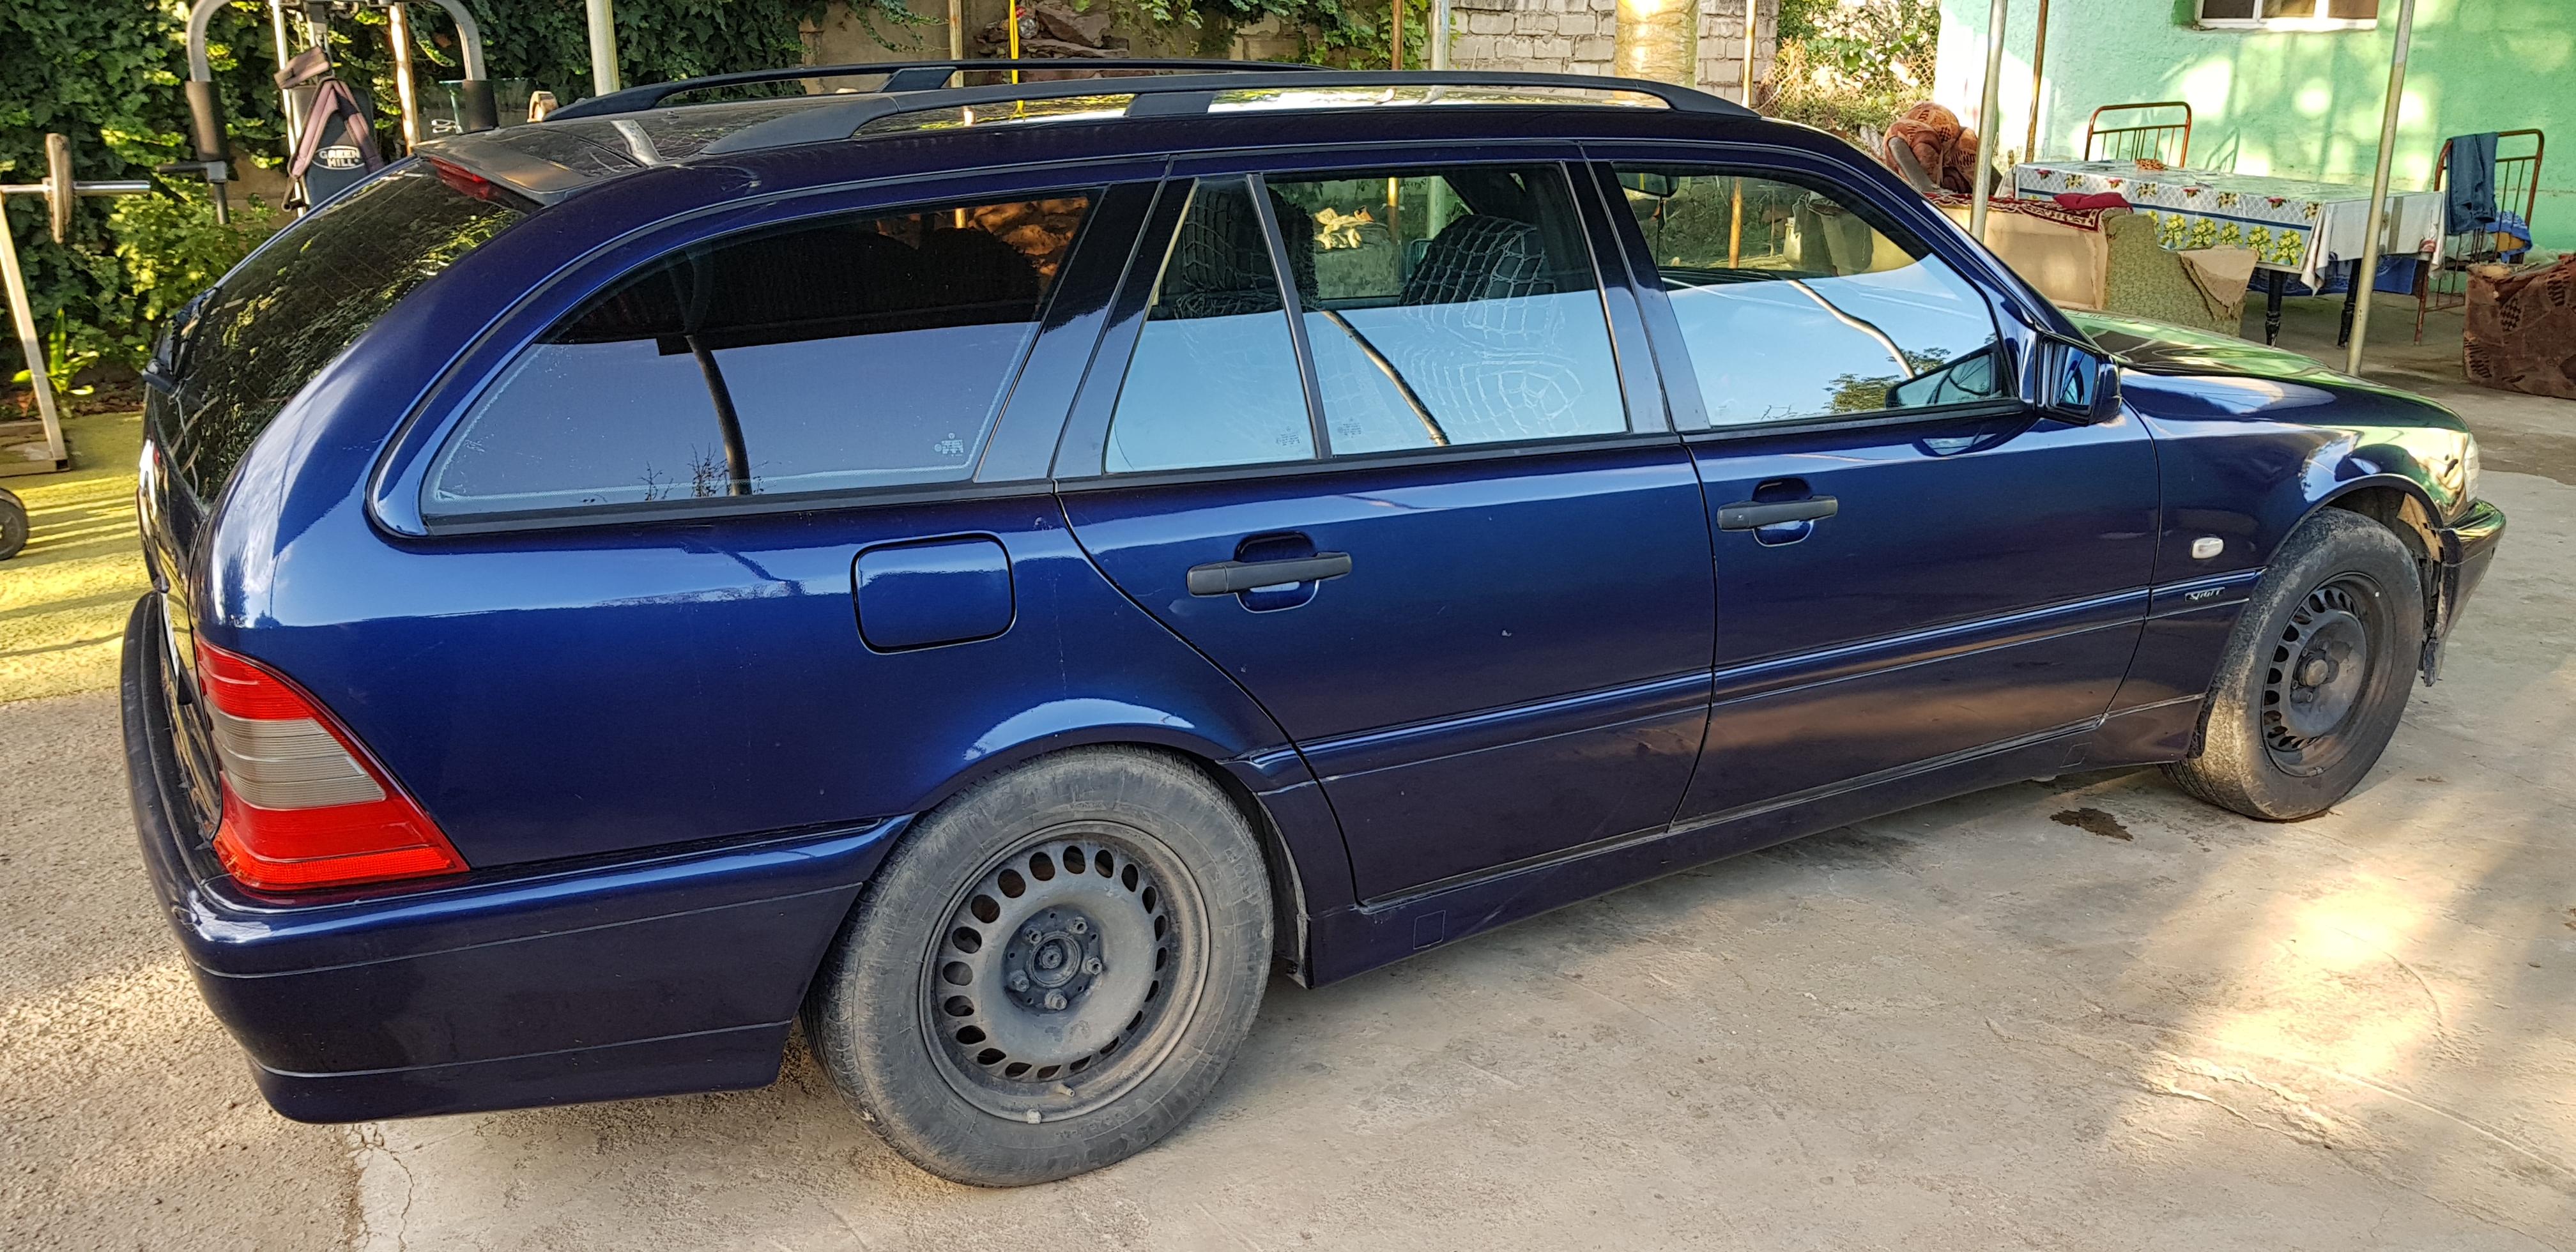 Mercedes-Benz C 240 2.4(lt) 1998 Подержанный  $10500